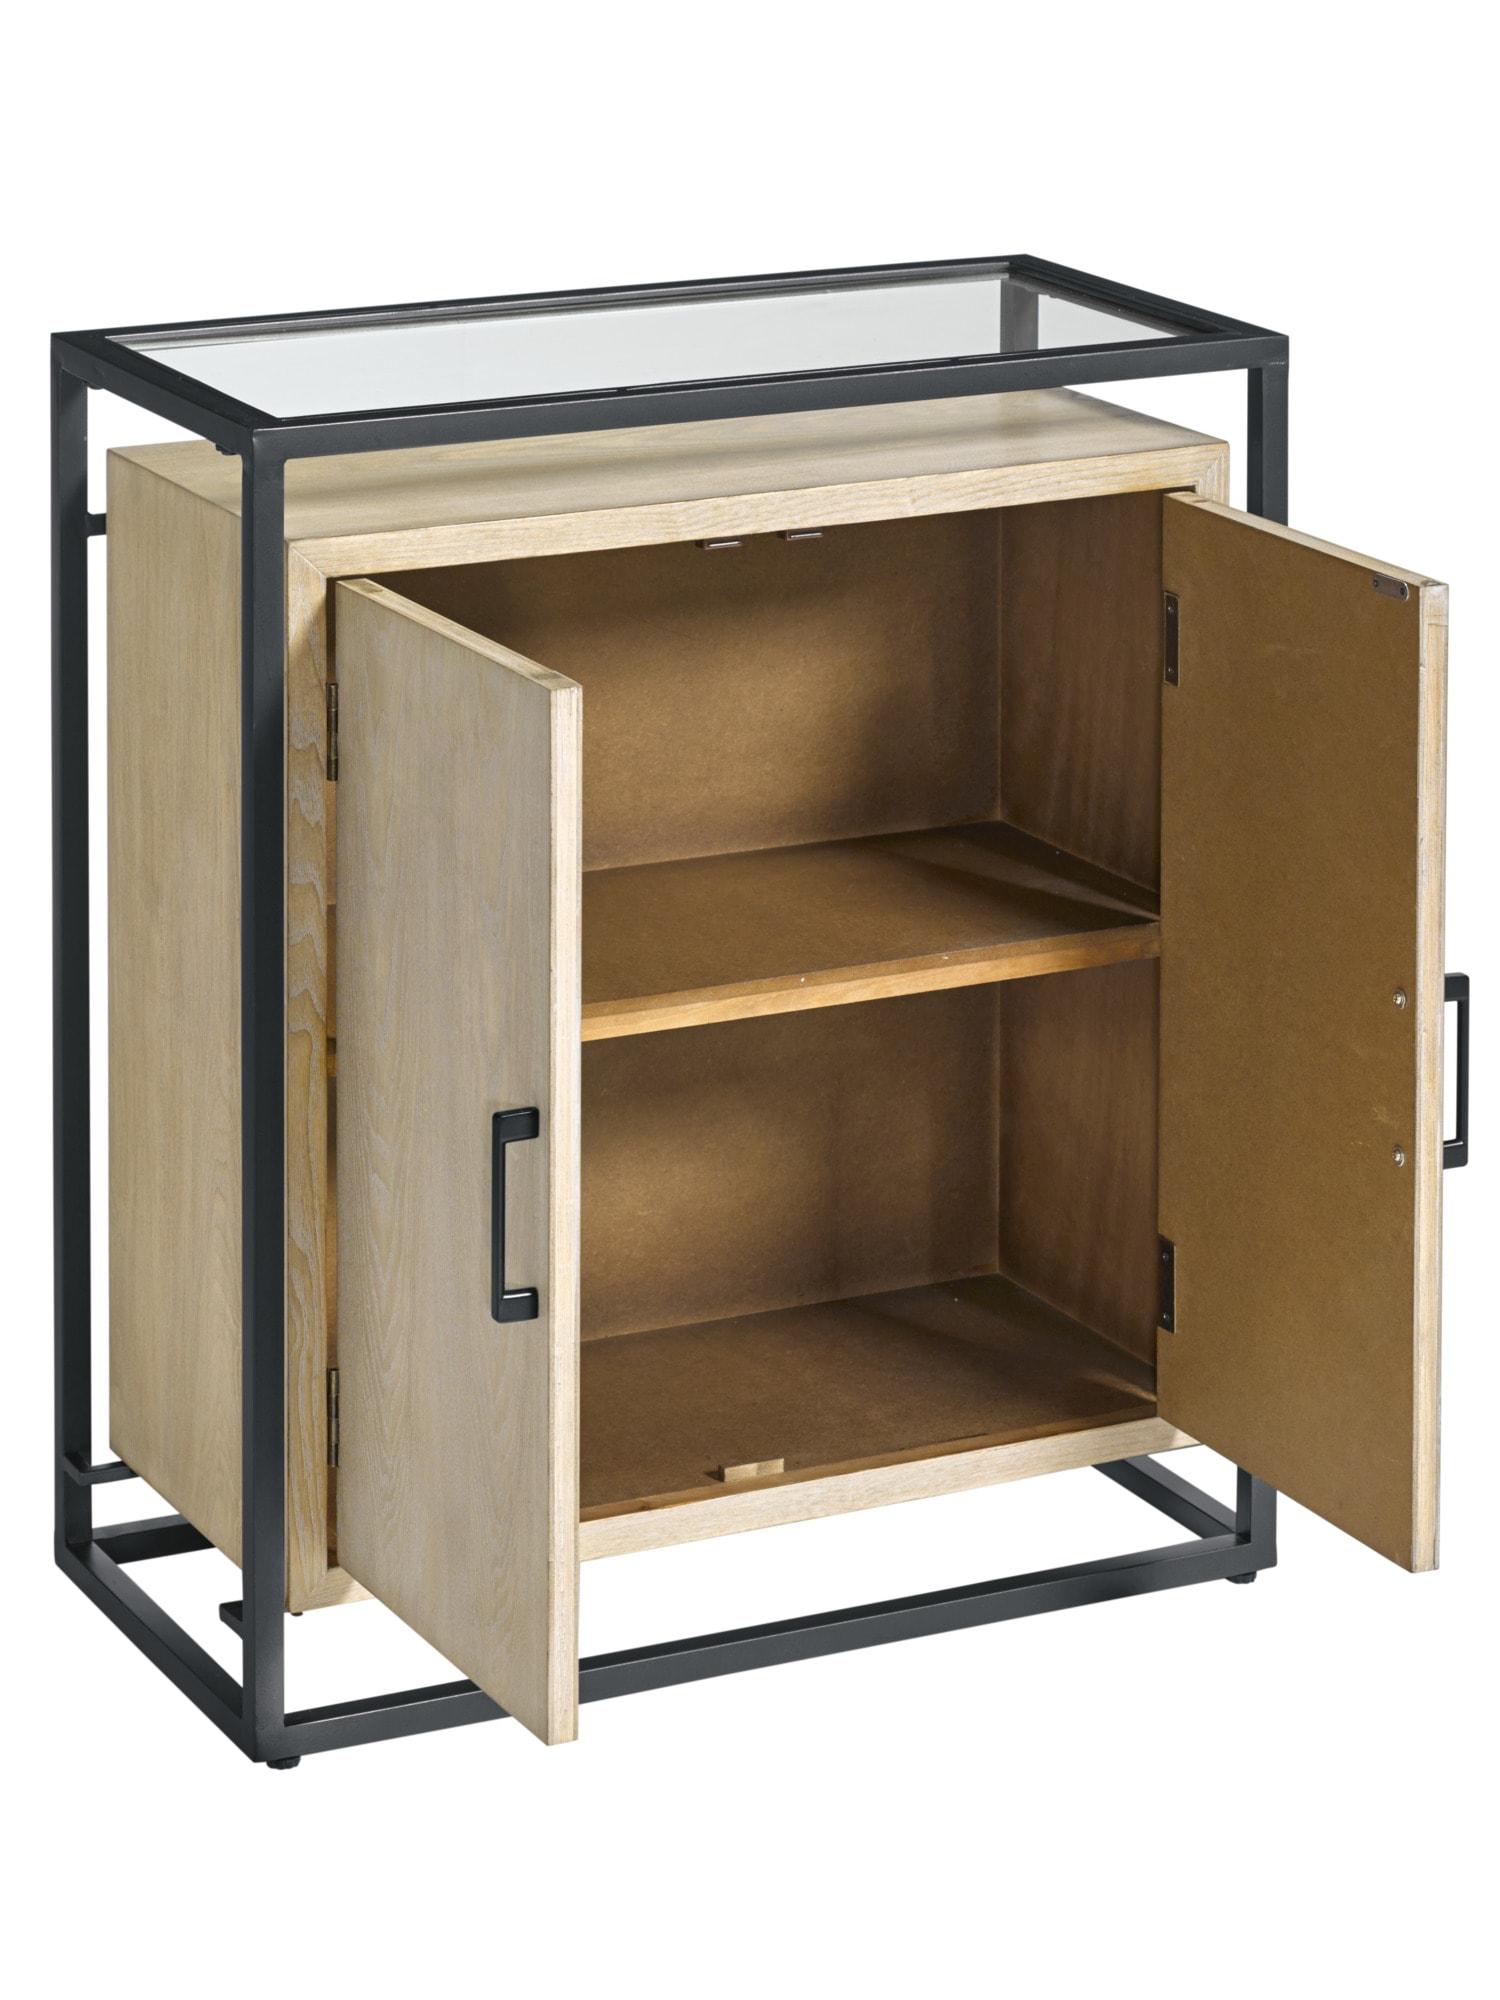 heine home Kommode in modernem Design | 04895228800022, 04897056396531